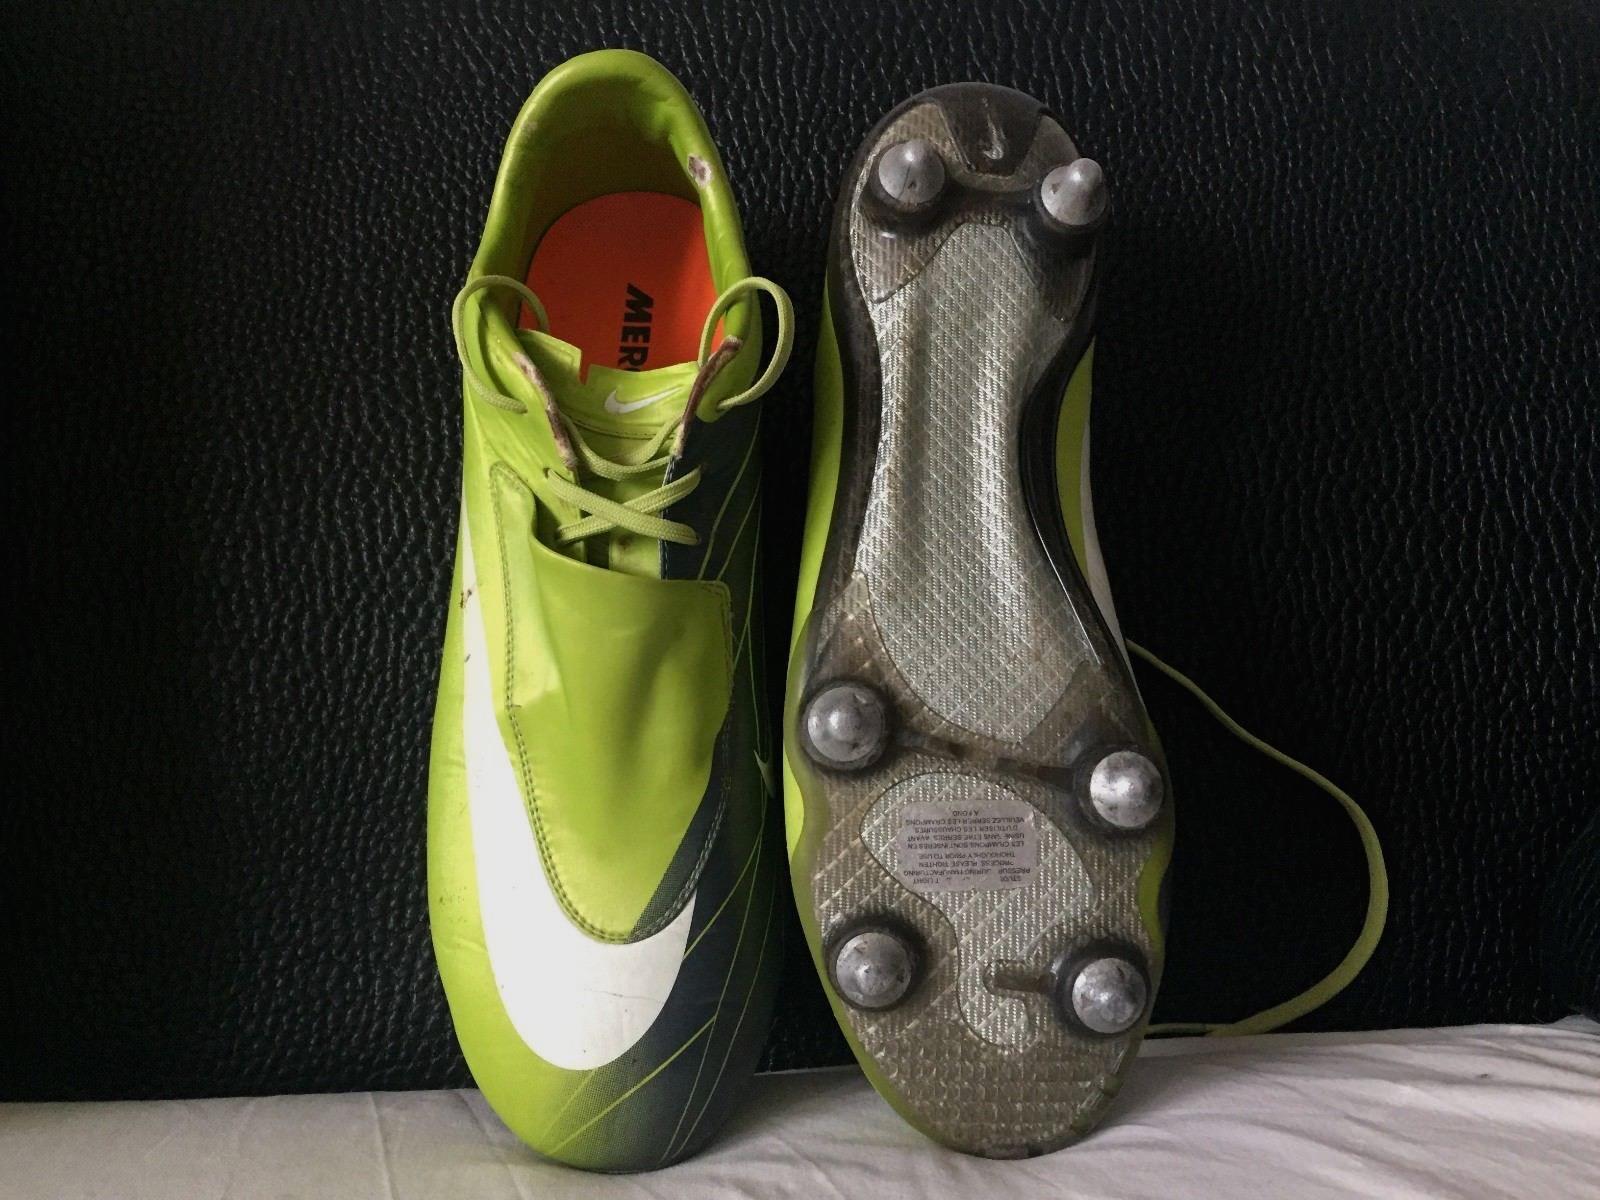 Nike Mercurial Vapor I II III IV V VI SG Botines De Fútbol botas EU45 US10